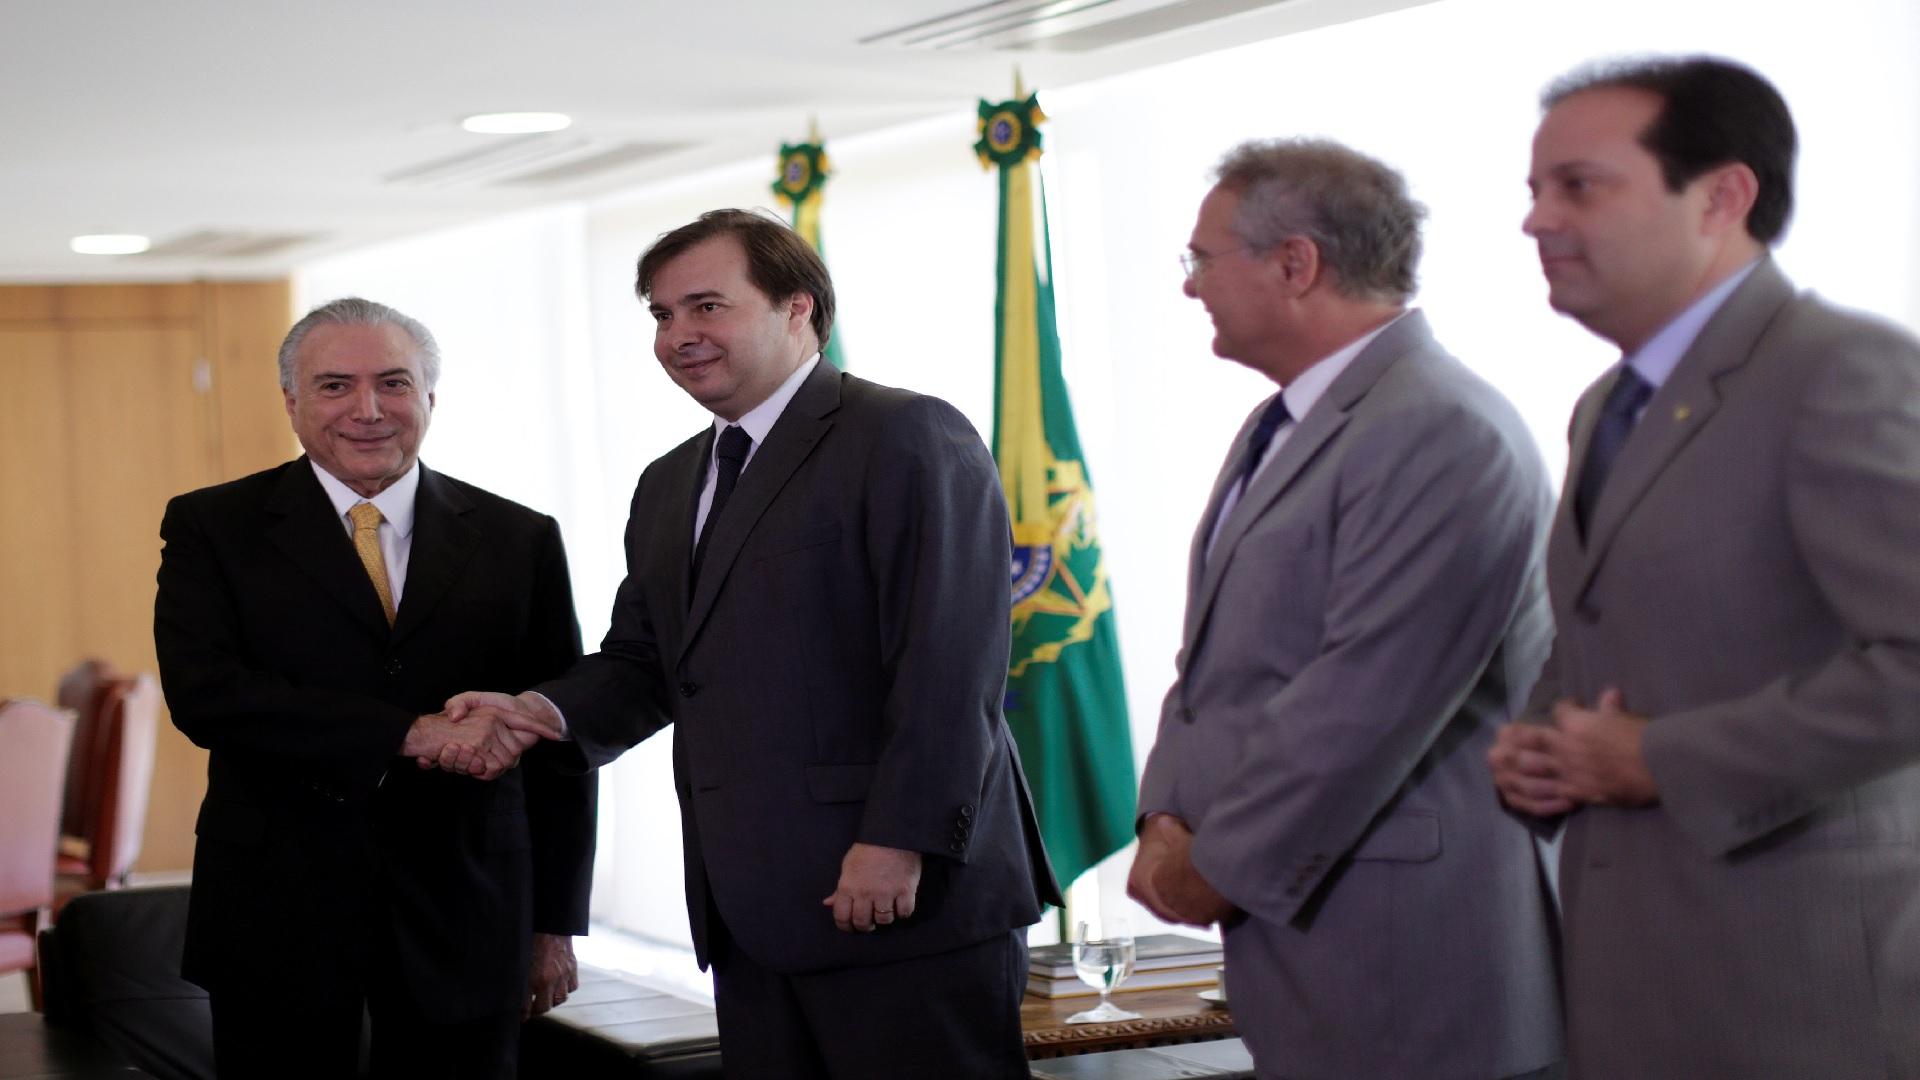 El militante del partido DEM, sustituirá a Eduardo Cunha y presidirá hasta febrero del 2017